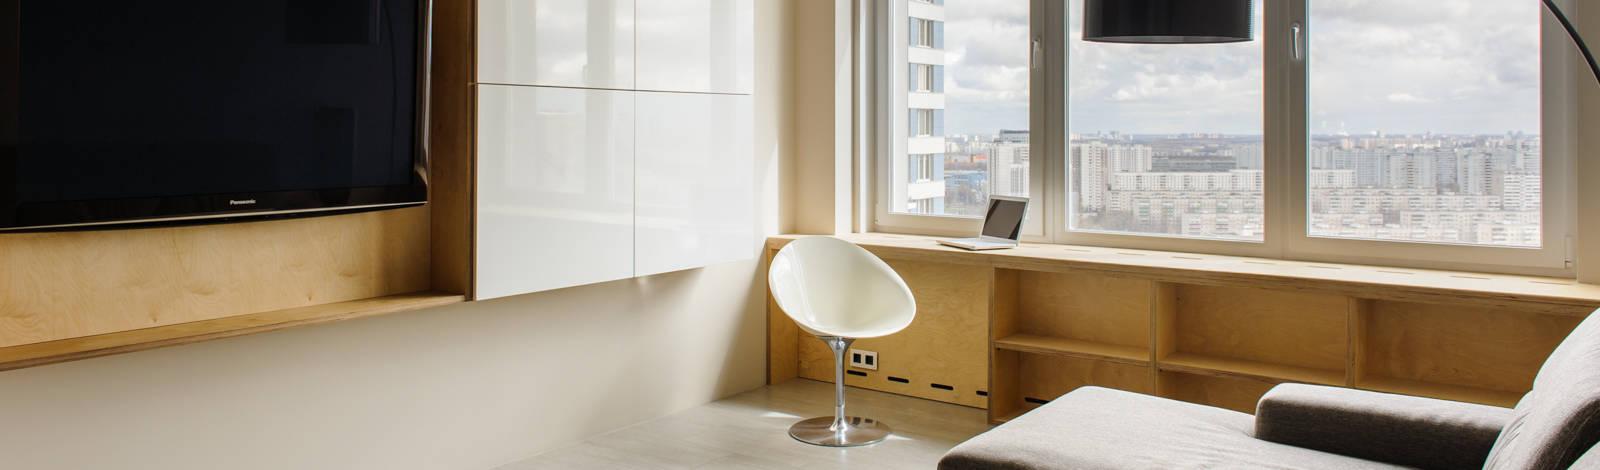 Мебельная компания FunEra. Изготовление мебели из фанеры на заказ. http://www.fun-era.ru